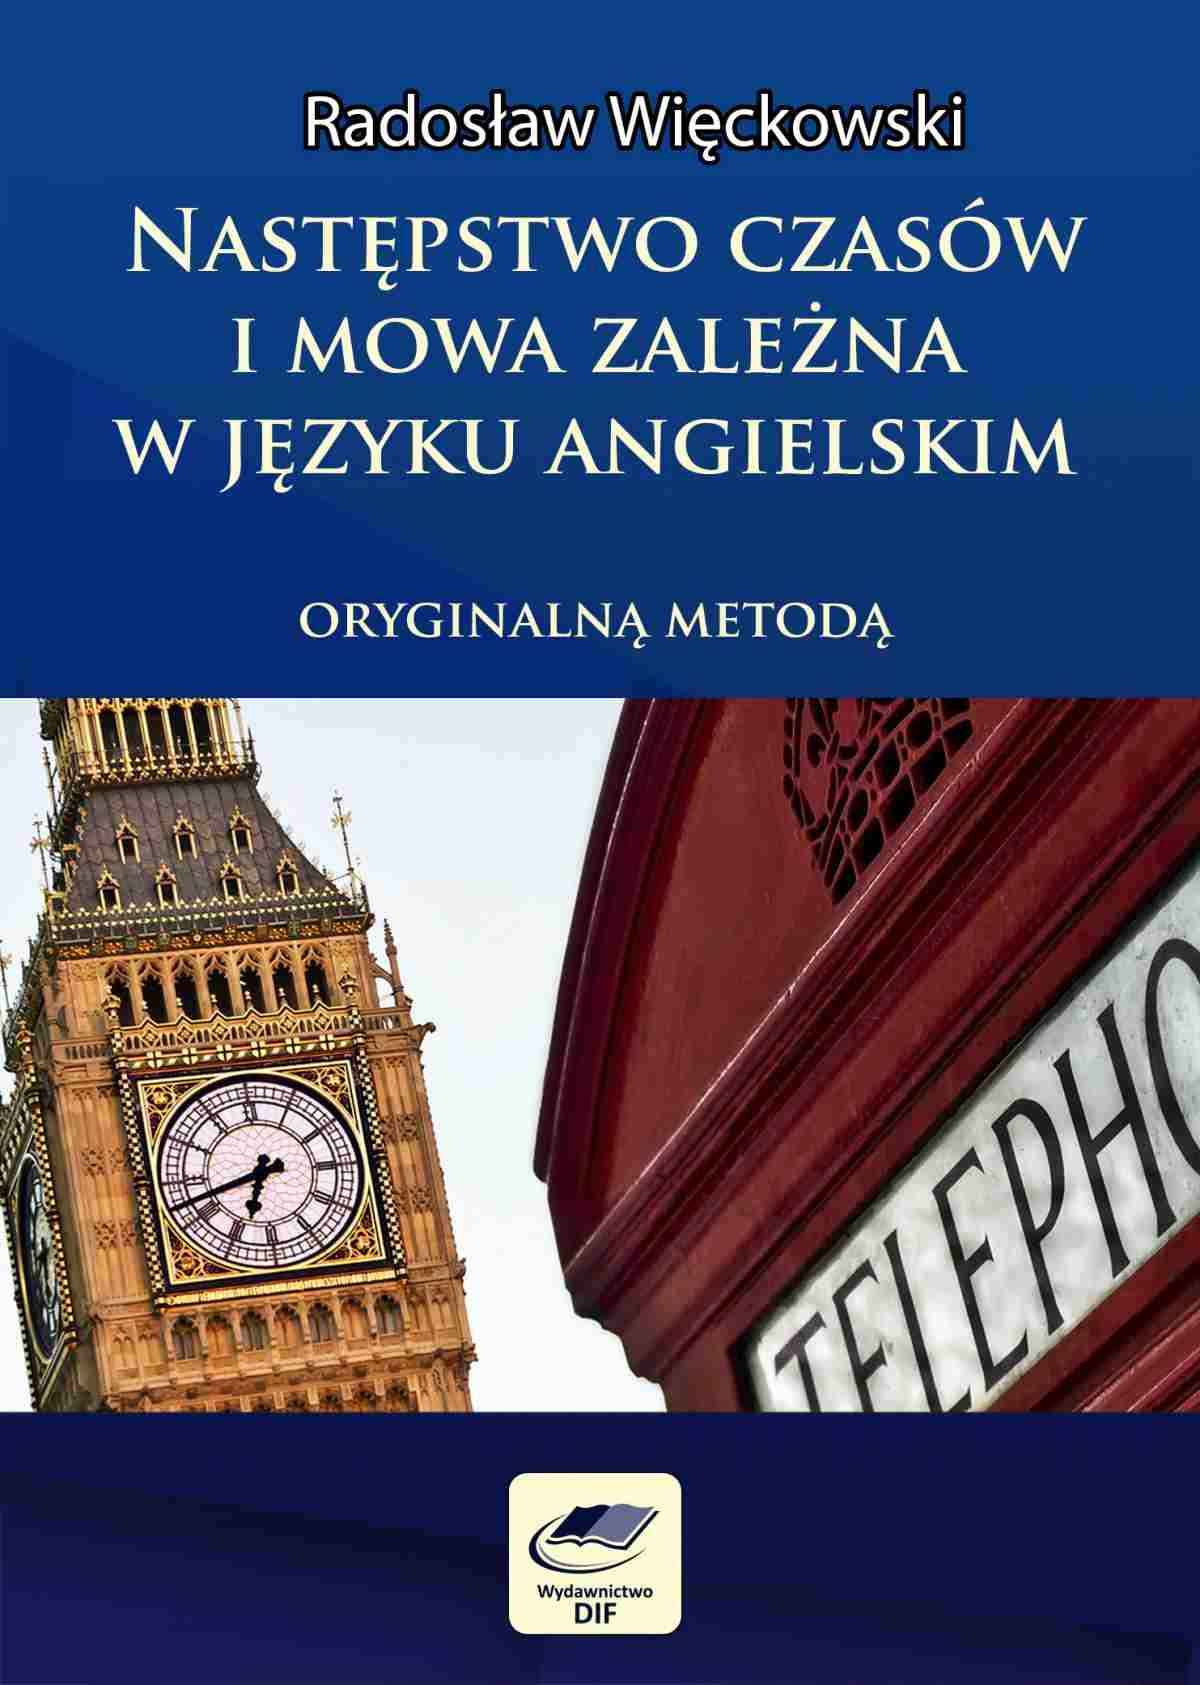 Następstwo czasów i mowa zależna oryginalną metodą - Ebook (Książka PDF) do pobrania w formacie PDF